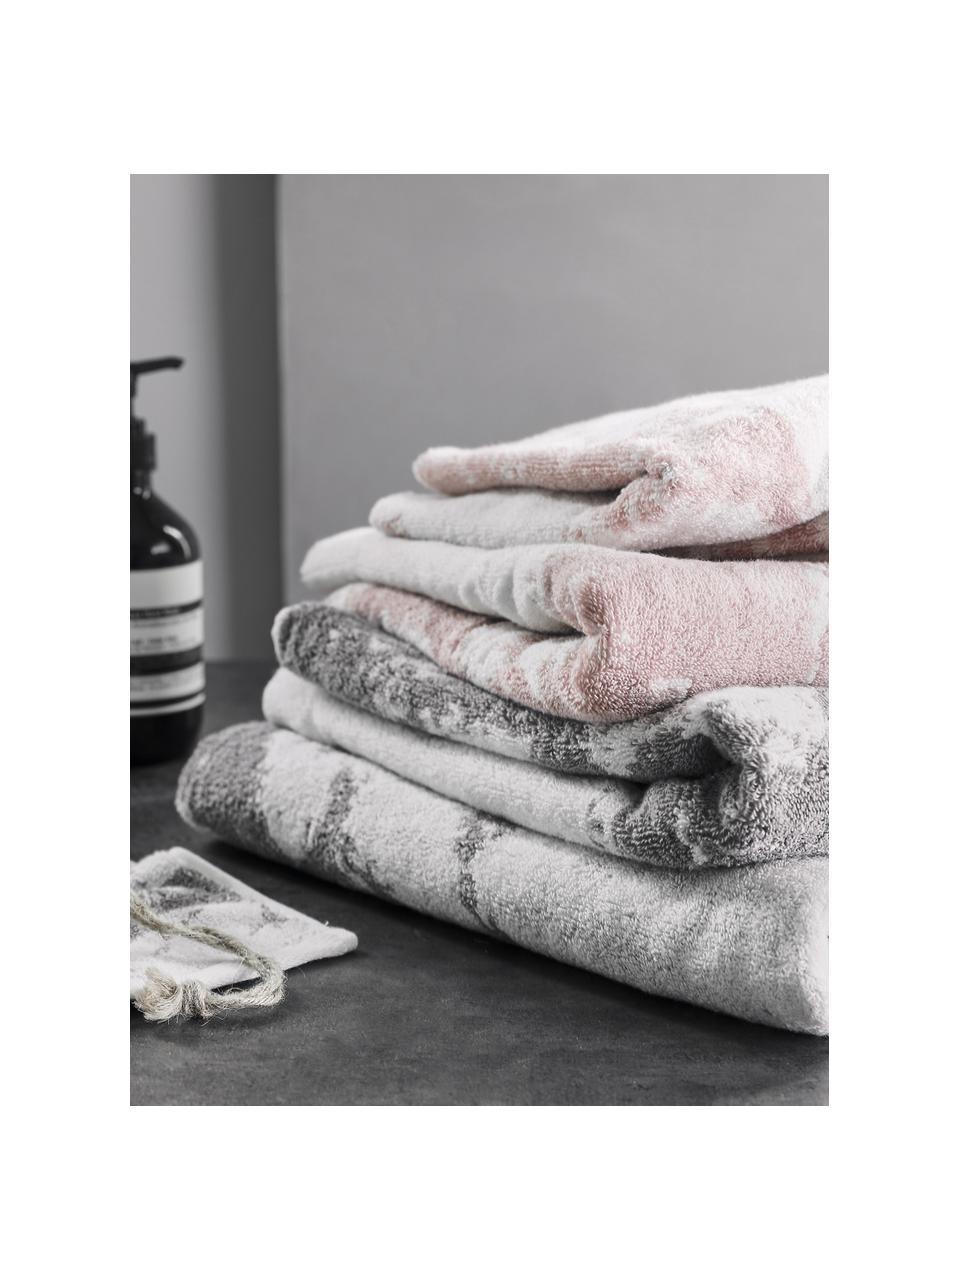 Komplet ręczników Marmo, 3 elem., Blady różowy, kremowobiały, Komplet z różnymi rozmiarami